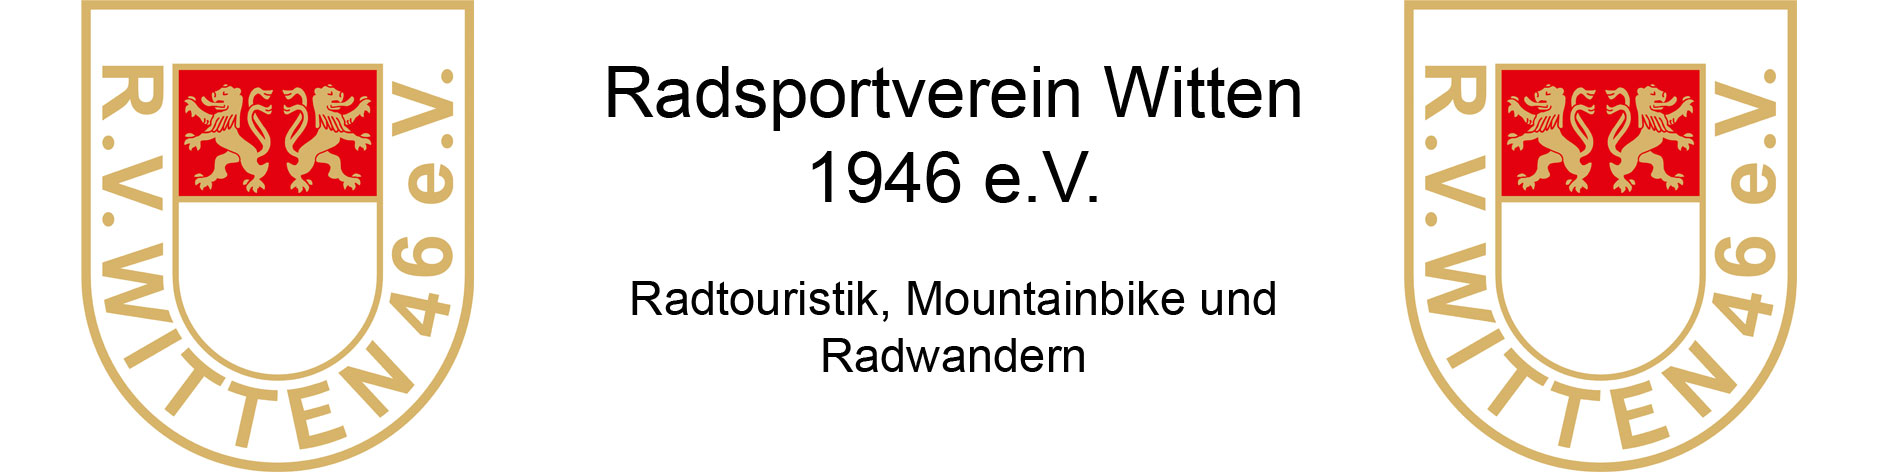 RV Witten 1946 e.V.